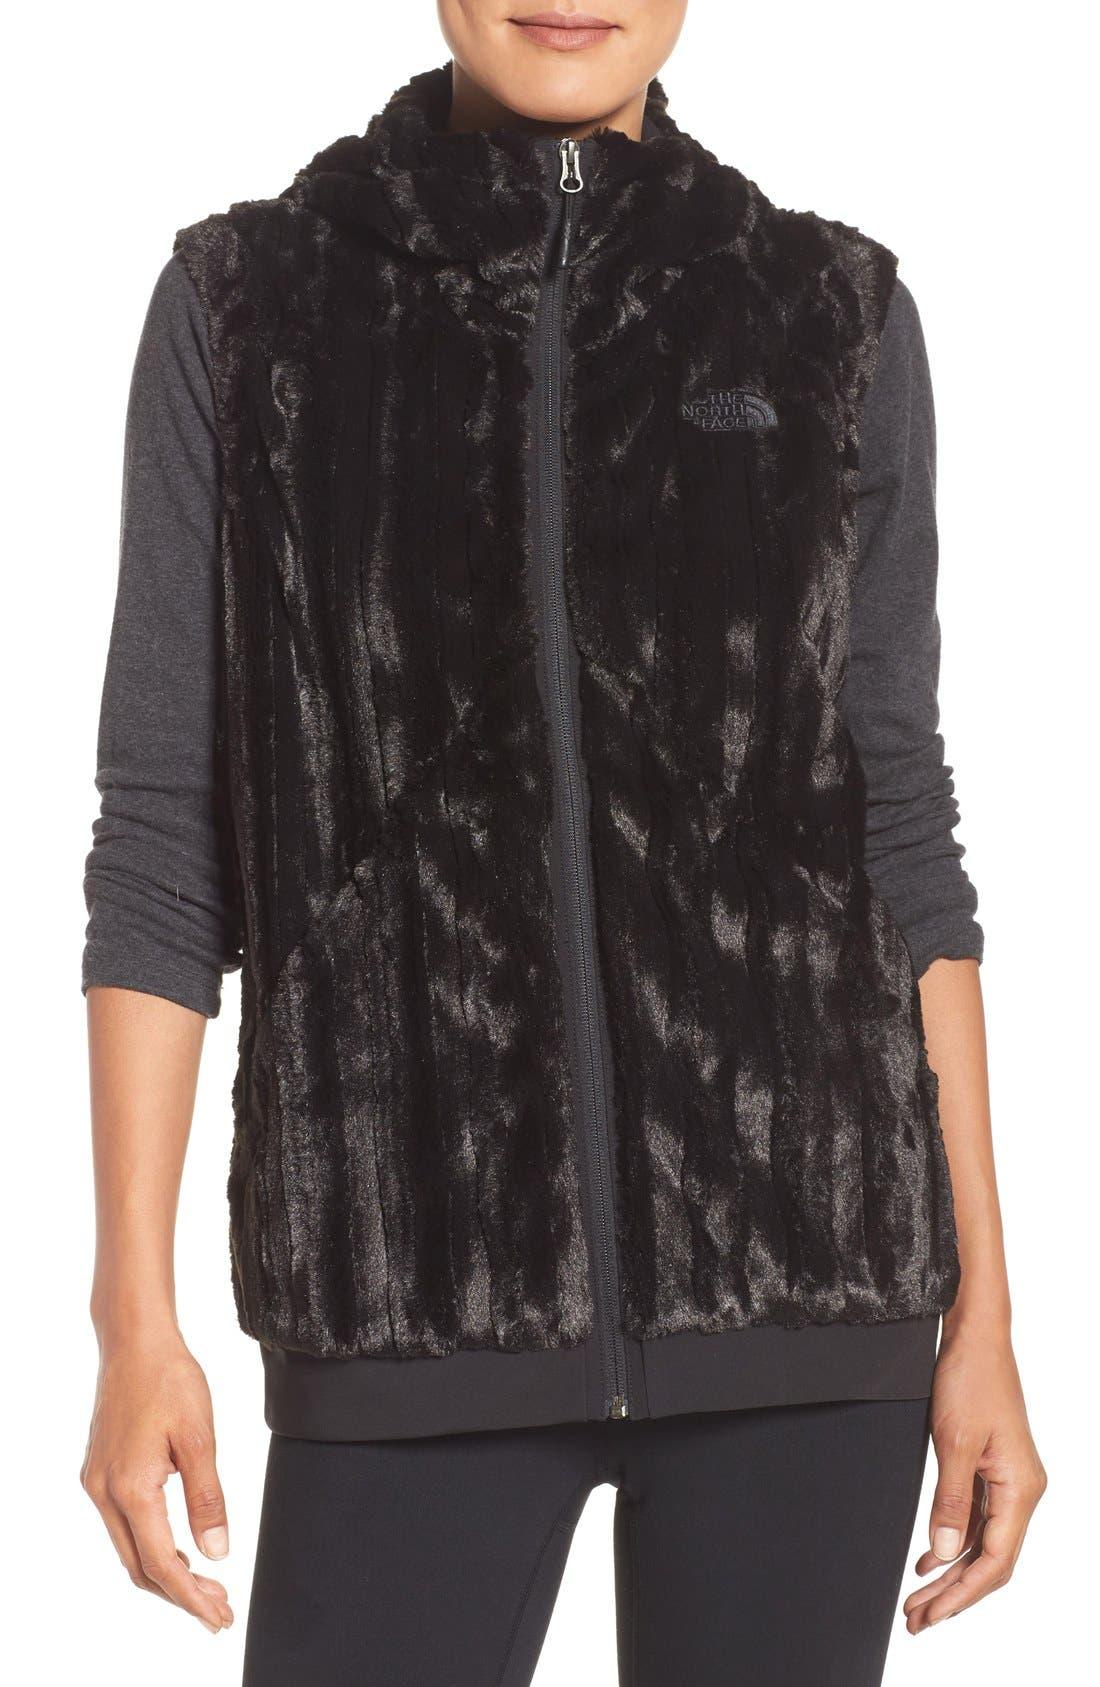 Alternate Image 1 Selected - The North Face Furlander Fleece Vest